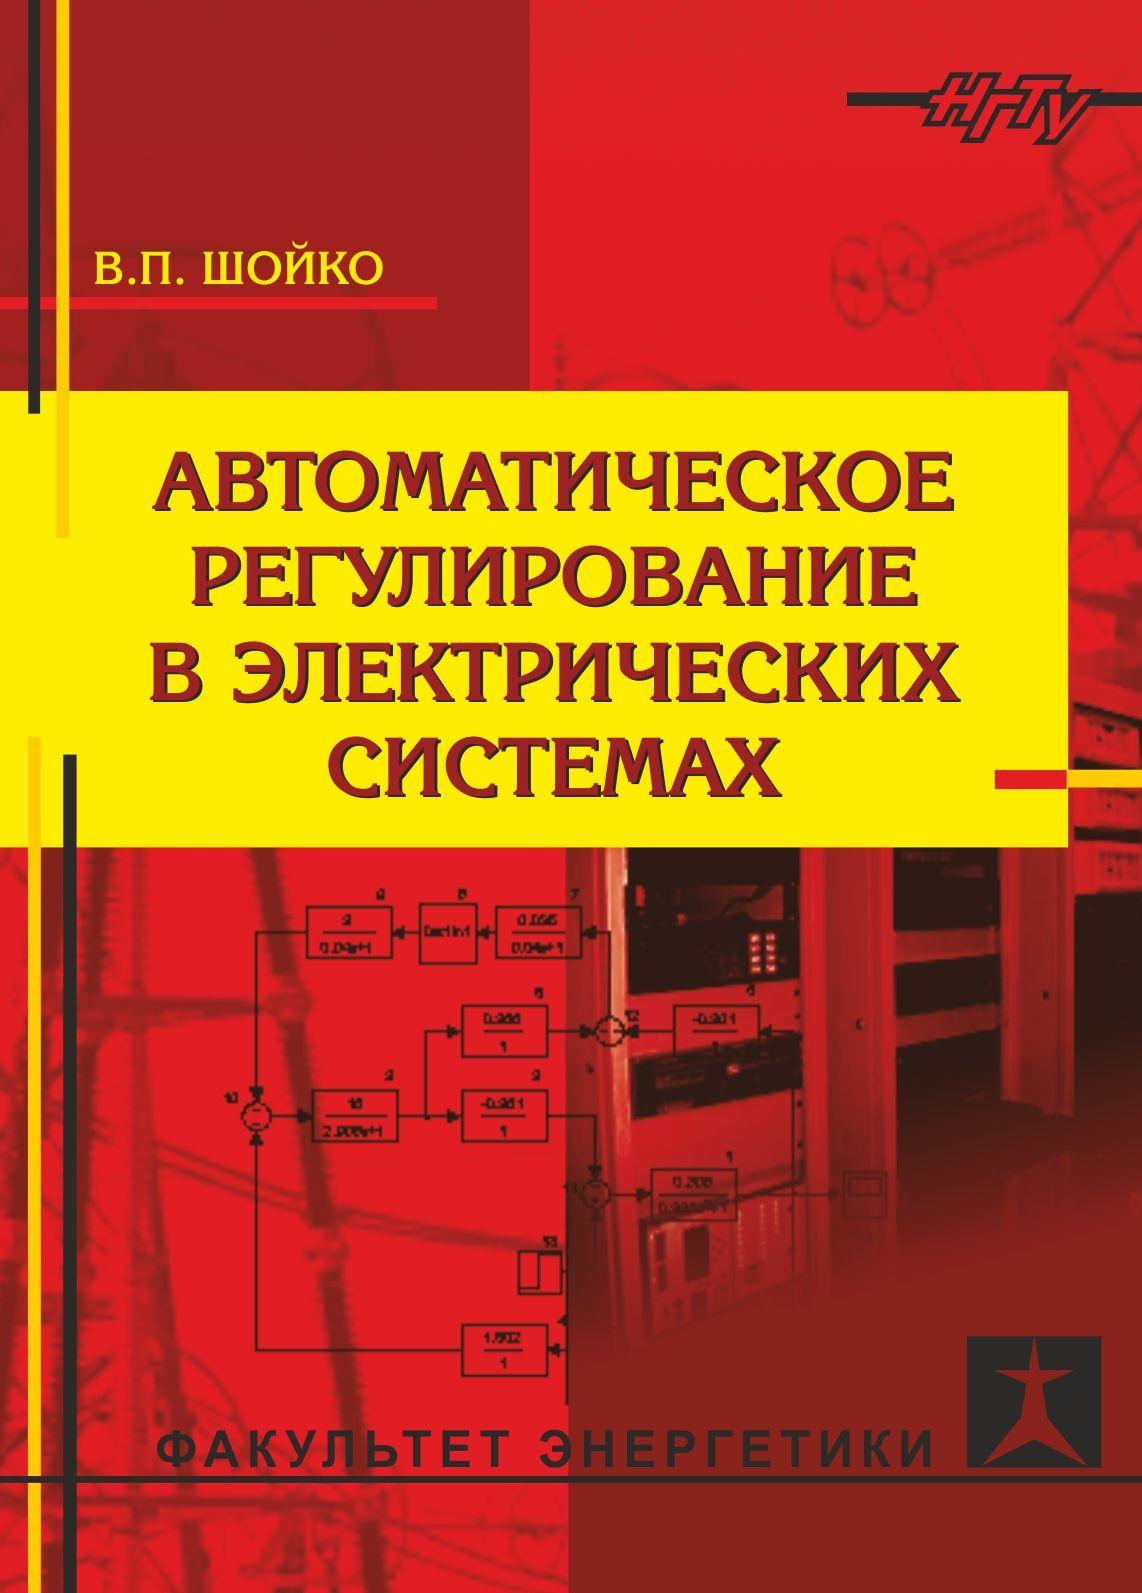 Владимир Шойко Автоматическое регулирование в электрических системах автоматическое регулирование возбуждения и устойчивость судовых синхронных генераторов